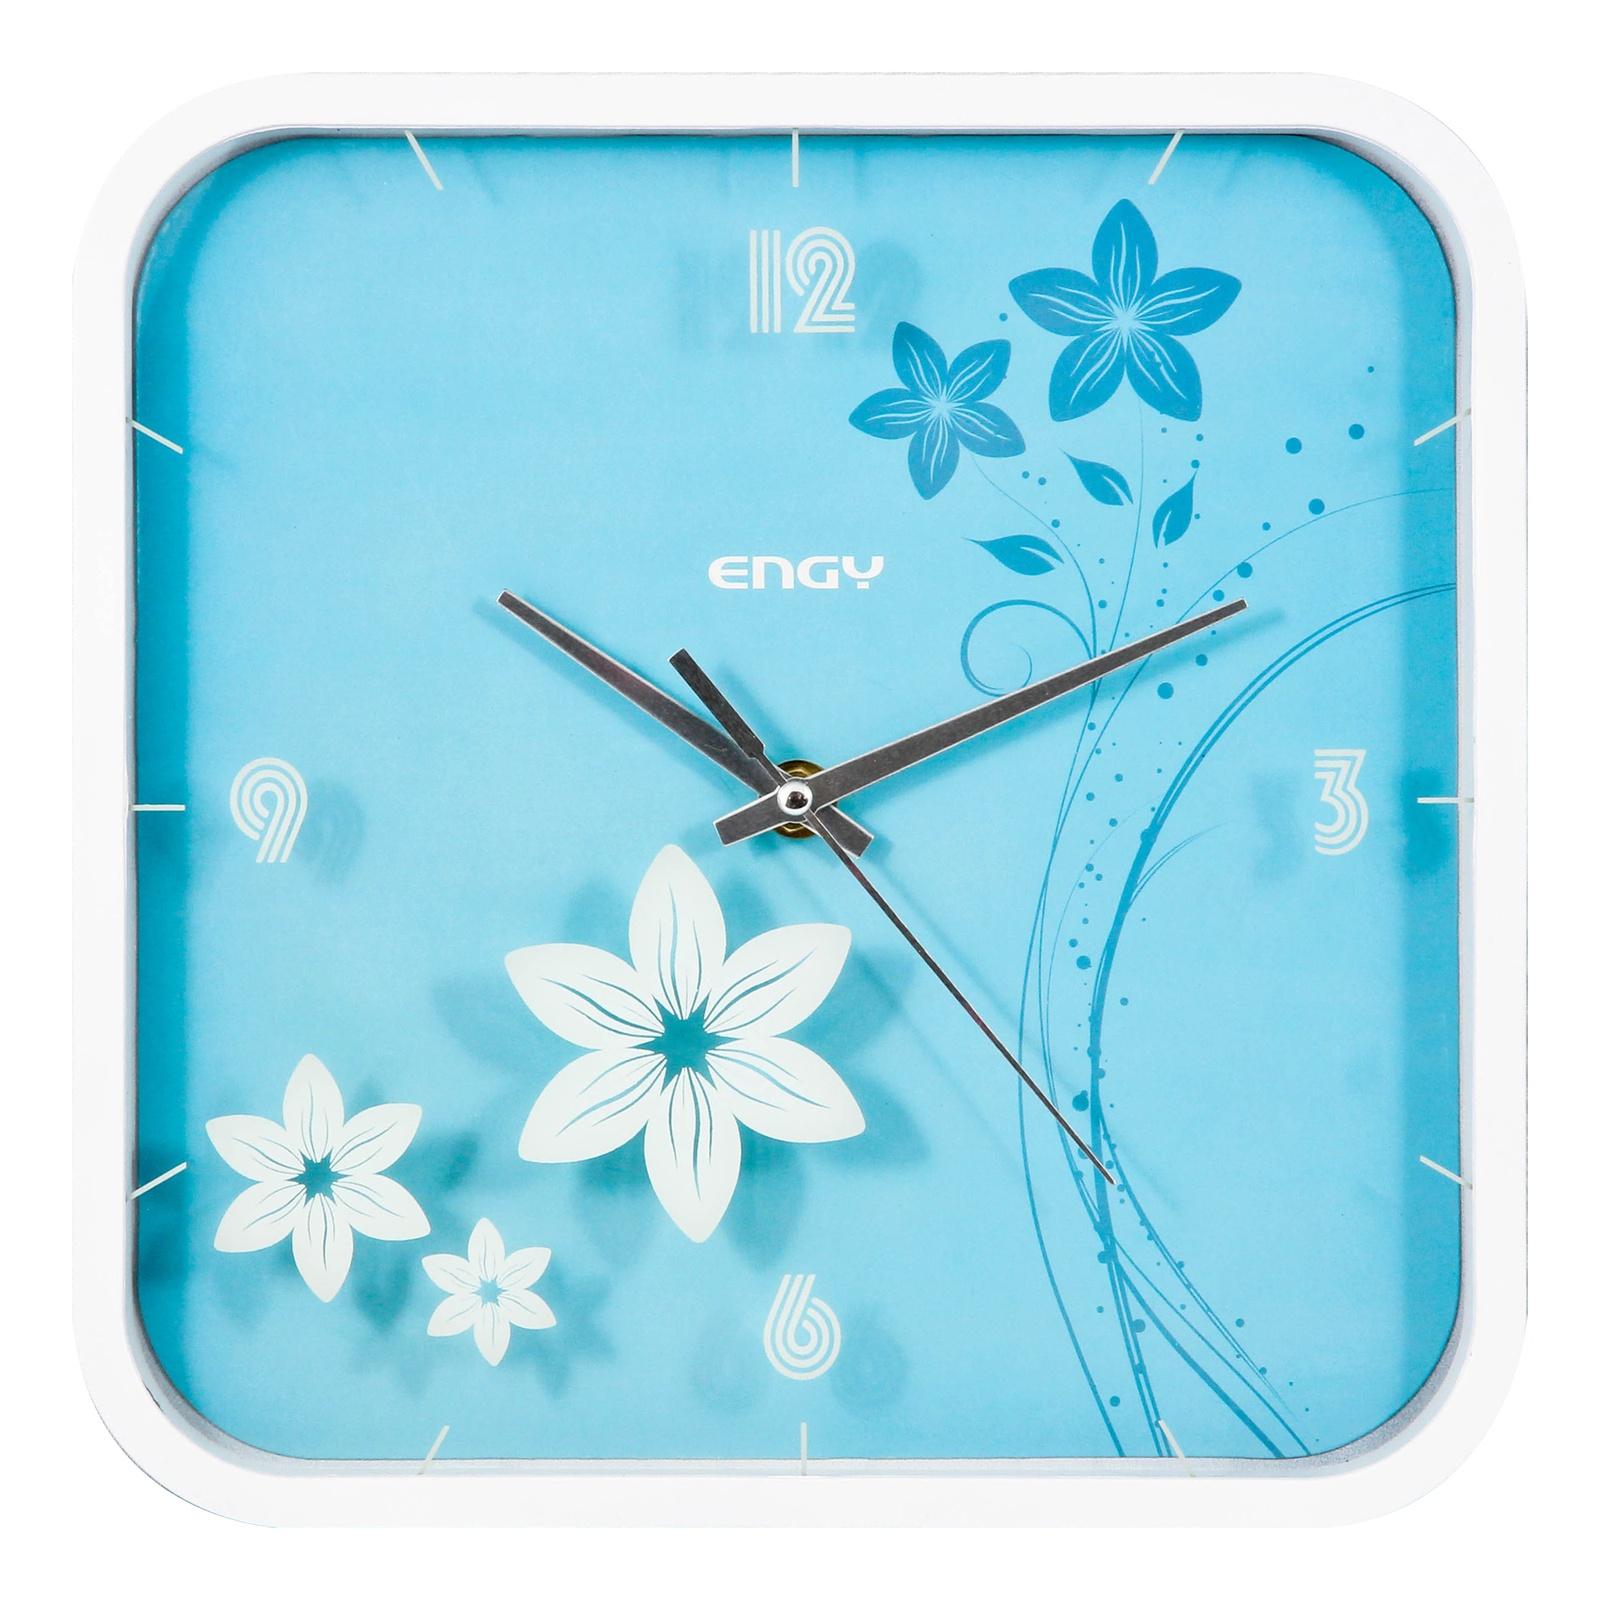 Настенные часы ENGY ЕС-22 квадратные, 54 009322 часы настенные engy d300мм